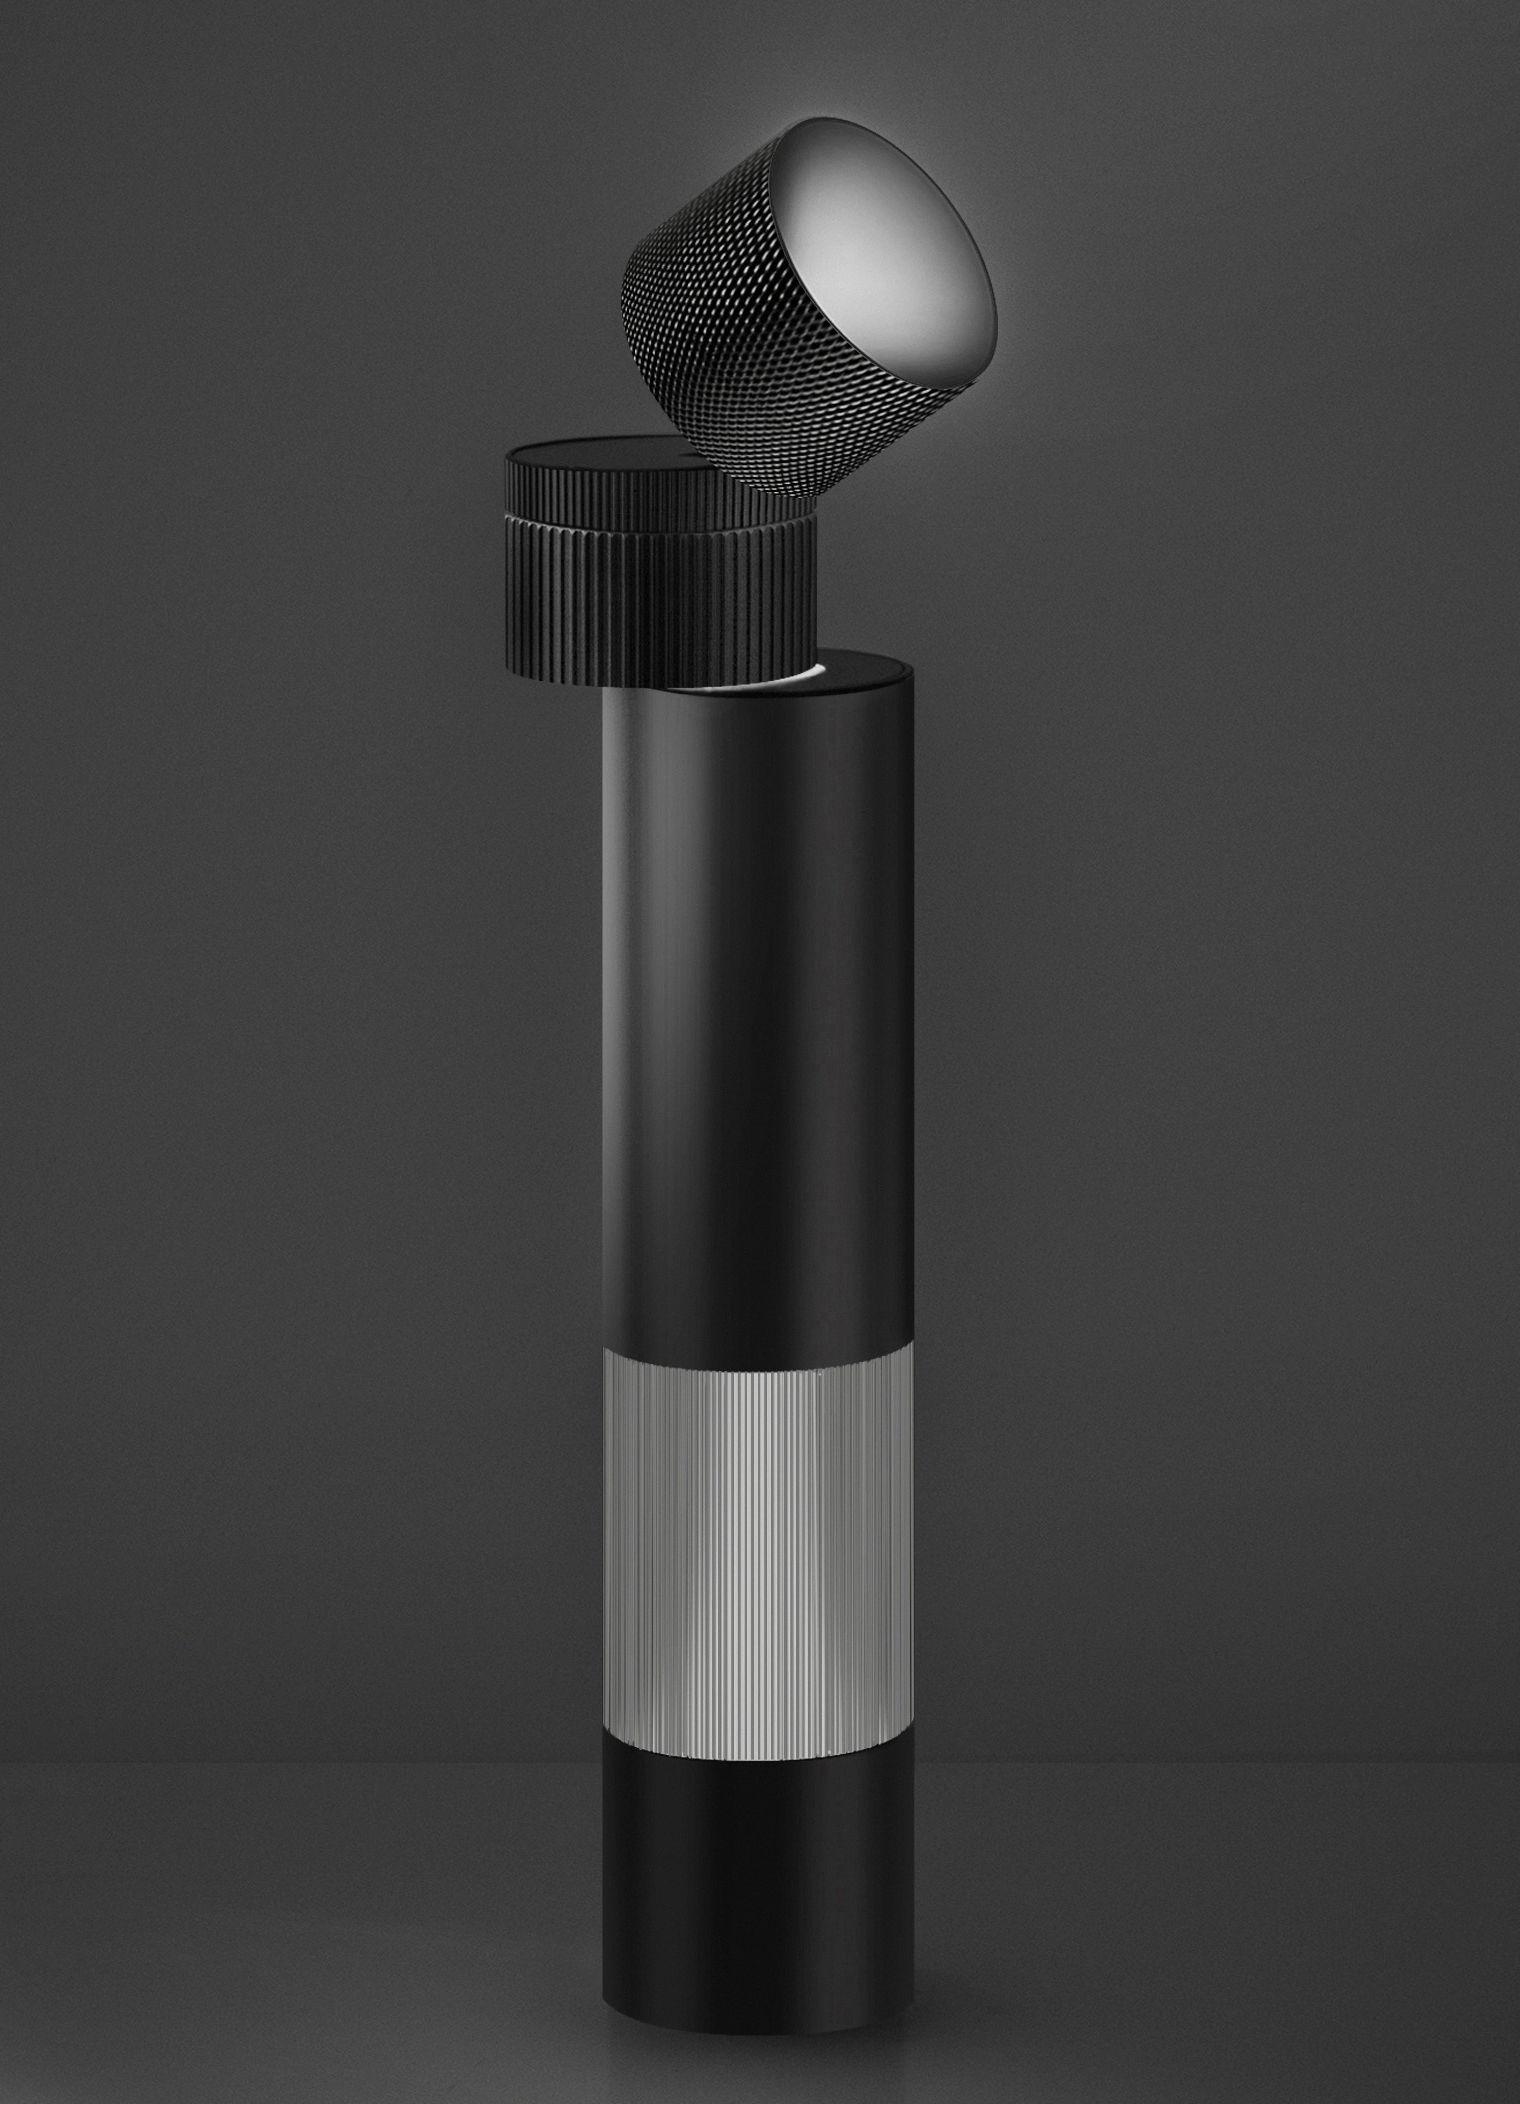 Leuchten - Tischleuchten - Objective Tischleuchte LED / H 37 cm - Artemide - Schwarz - bemaltes Aluminium, Methacrylate